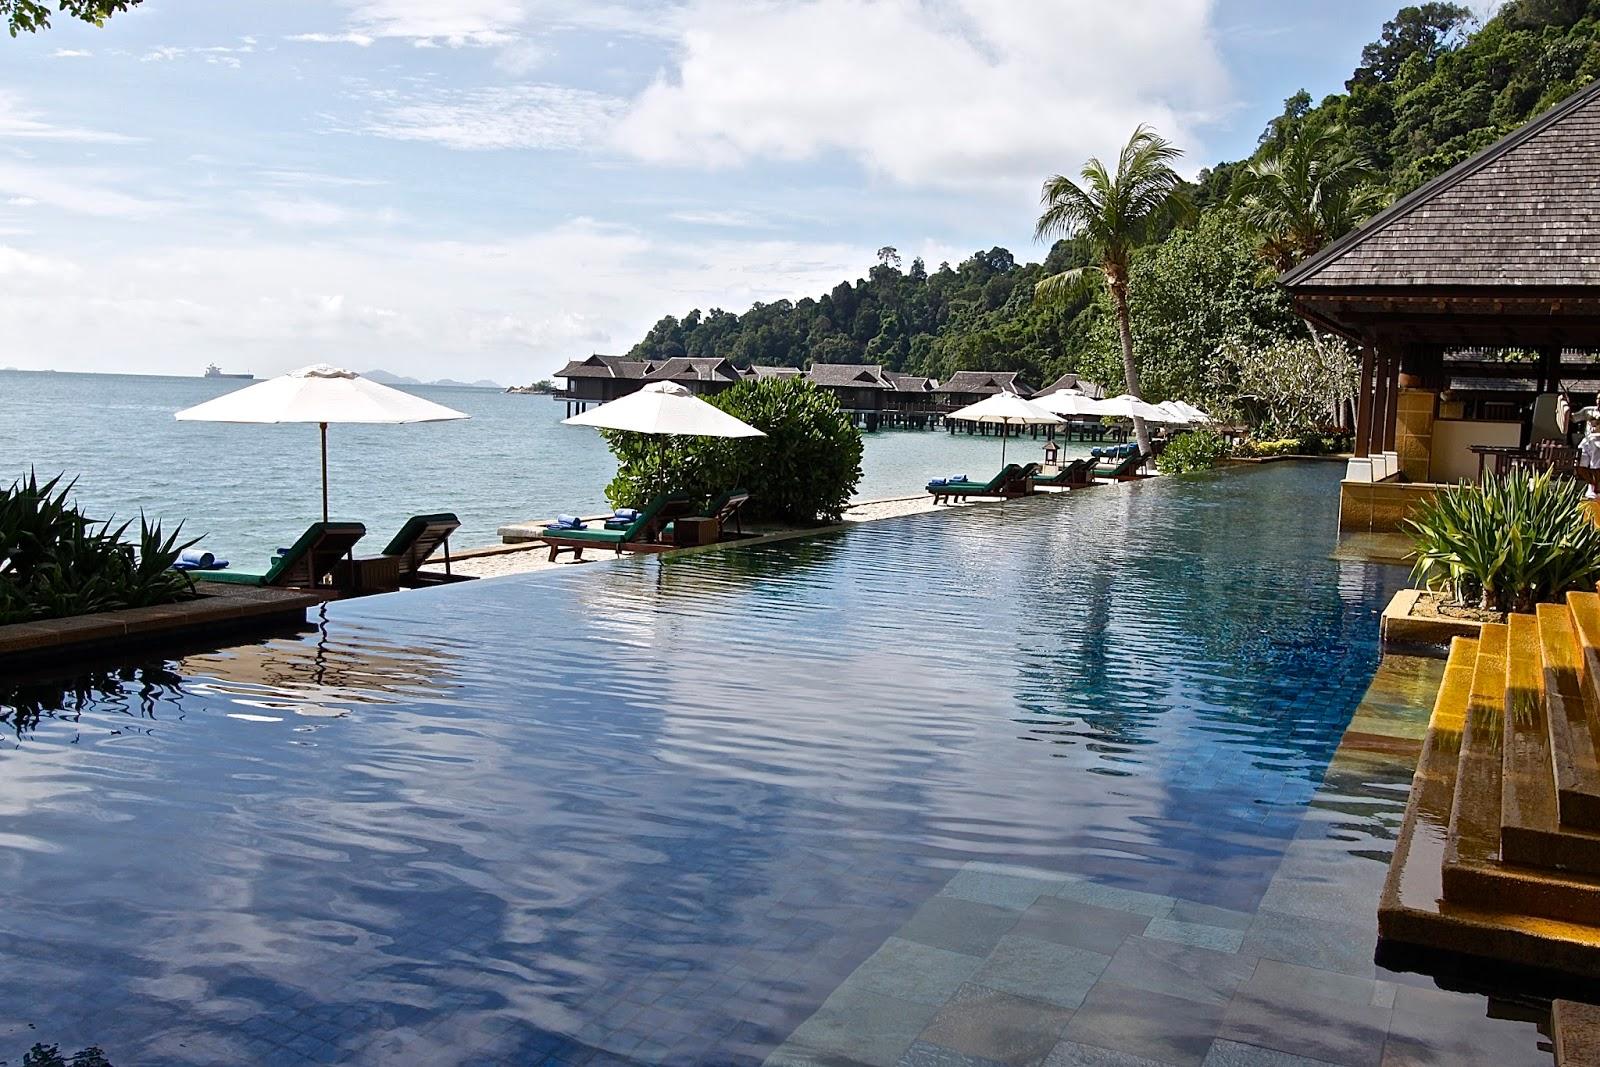 King Stone Resort Hotel Spa Kota Bks Jawa Barat